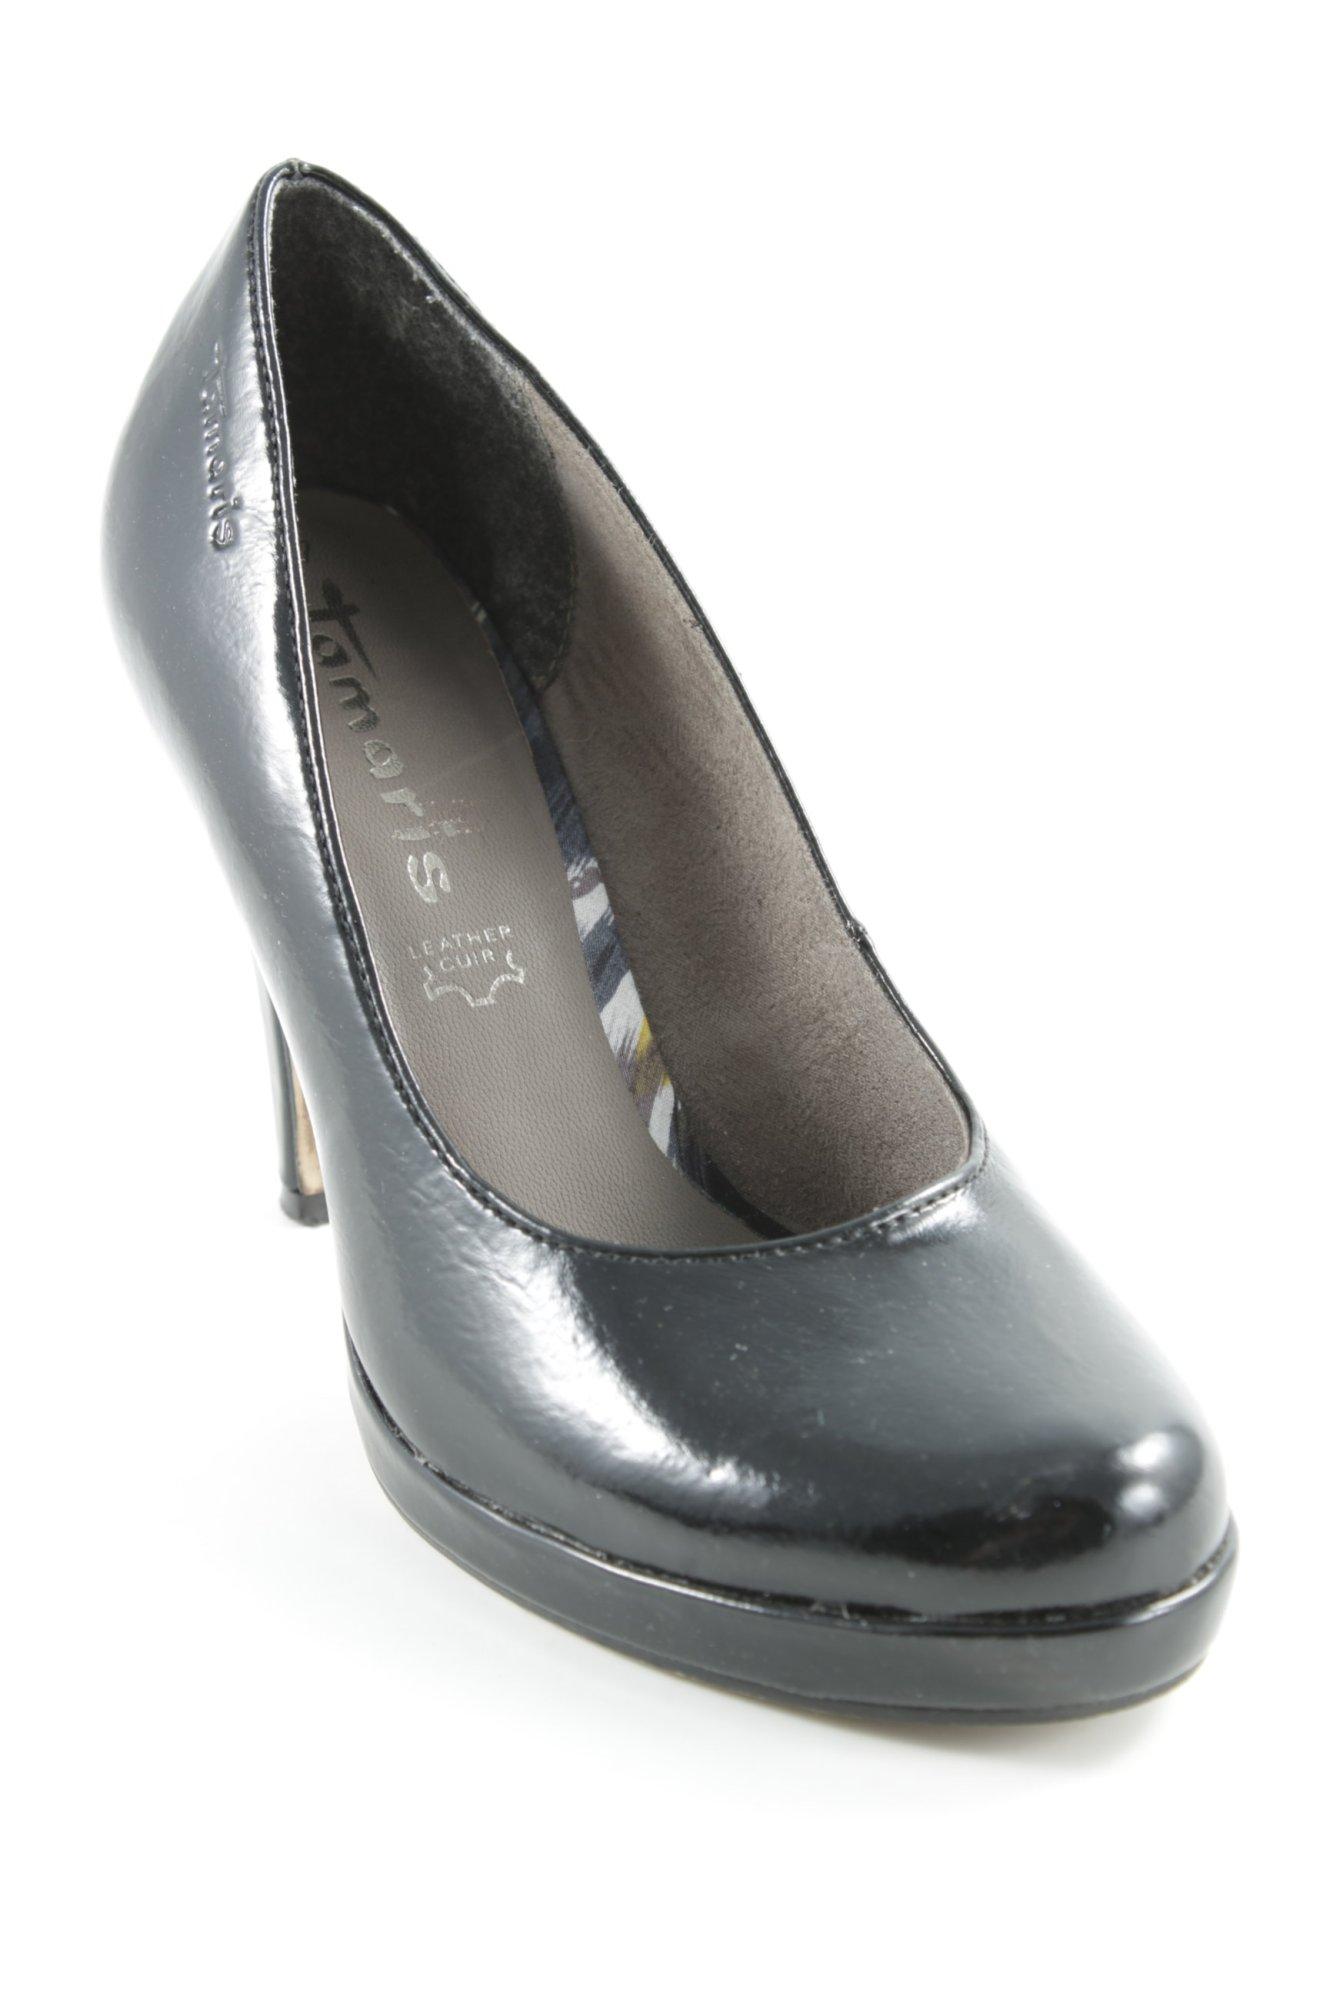 a2f7aba475e2d5 TAMARIS Talons hauts noir style cuir Dames T 37 Escarpins Chaussures pour  femmes